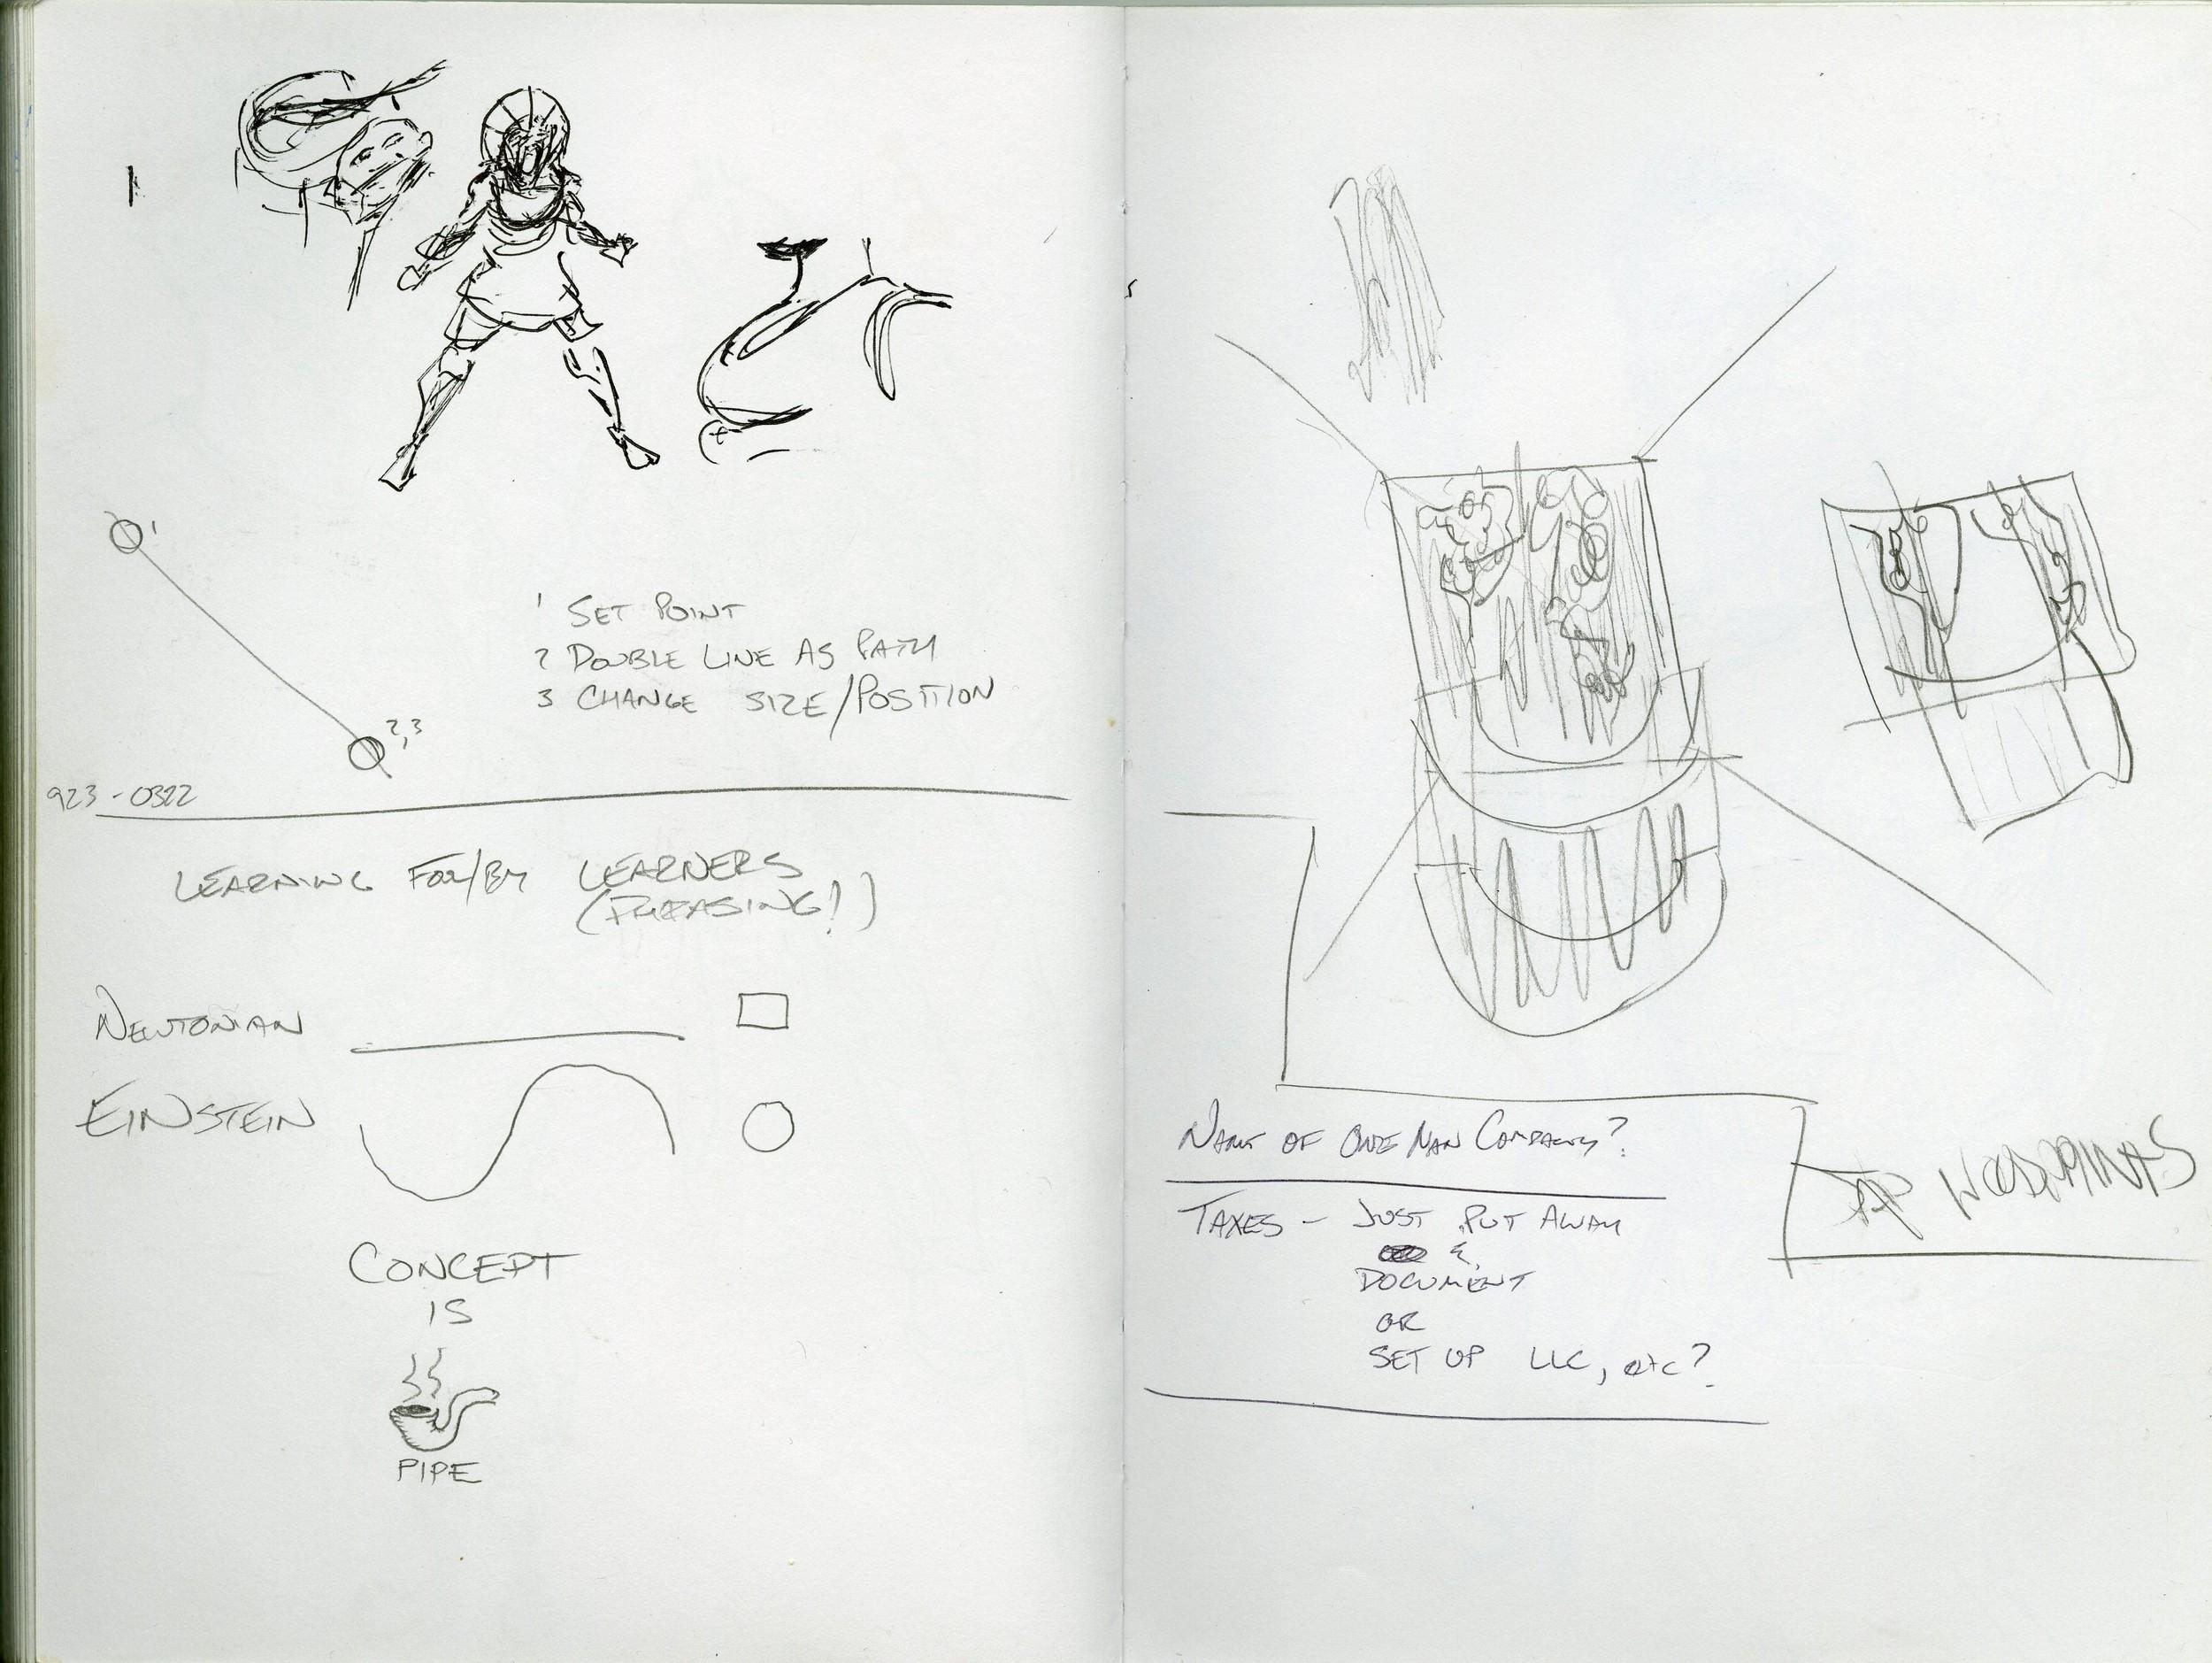 SketchbookScan124.jpg